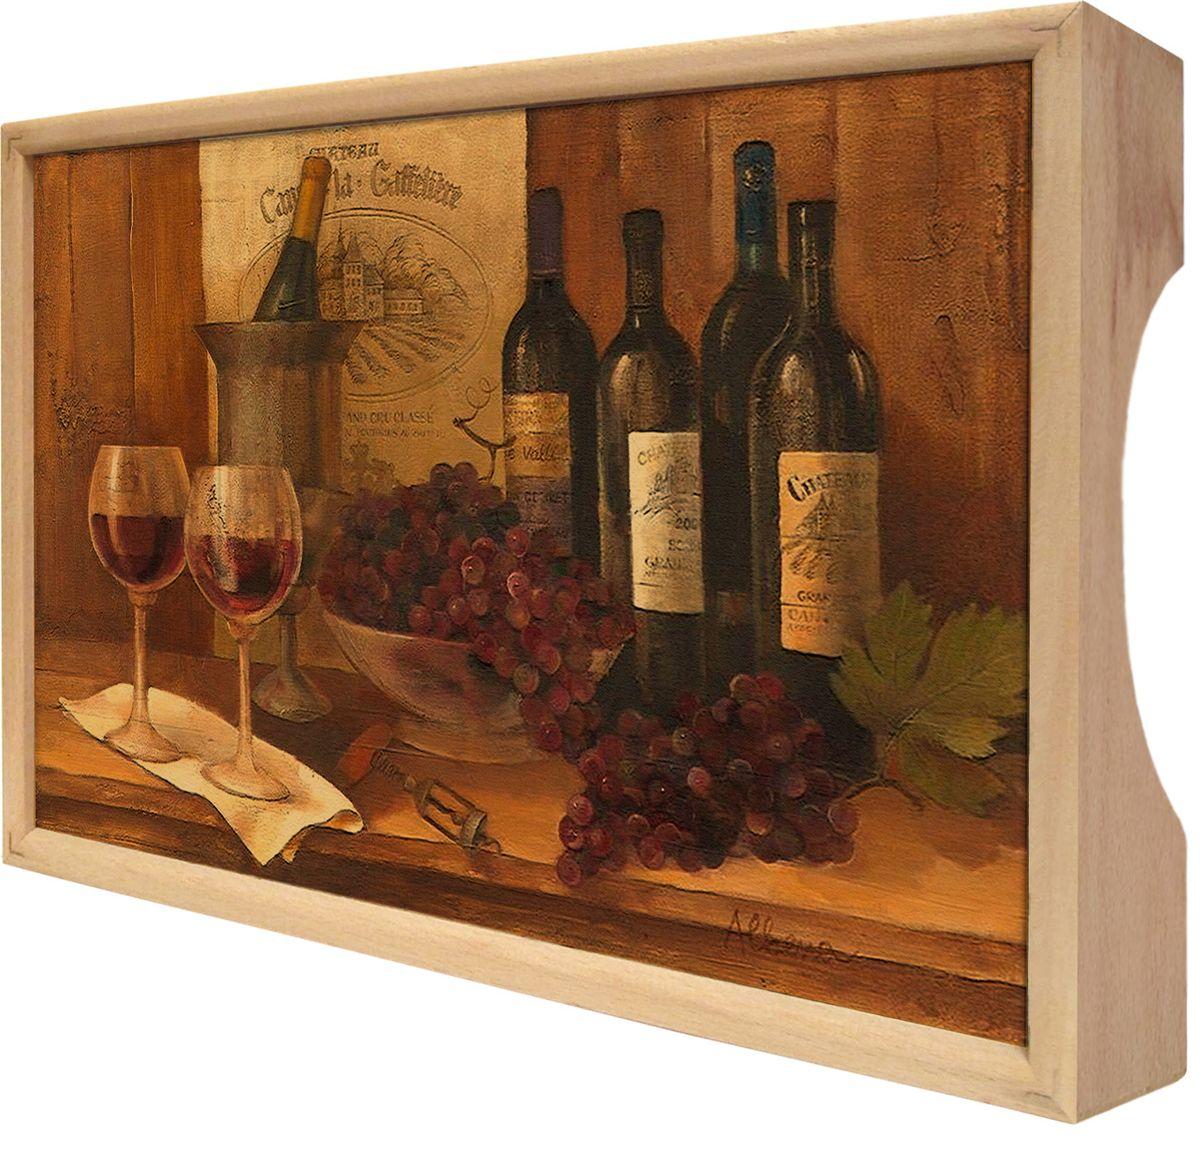 Поднос GiftnHome Винтажные вина, 25 х 37,5 смTR-VinWinesПоднос GiftnHome Винтажные вина изготовлен из бука - благородной породы древесины. Это крепкий, экологичный и надежный материал, который идеально подходит для производства подносов. Изделие прекрасно перенесет длительную эксплуатацию и надолго сохранит свой шарм древесной структуры и природные качества. Поднос - это великолепное решение для подарка и истинный комплимент вашим любимым и близким людям. С ним вы с легкостью сможете подать кофе, завтрак в постель или вынести на веранду гостям закуски и фрукты. Помимо функциональной пользы, данное изделие изысканно дополнит интерьер помещения и внесет уют в домашнее пространство. Нанесенные на поднос дизайнерские принты от Креативной Студии АнтониоК делают изделие уникальным.